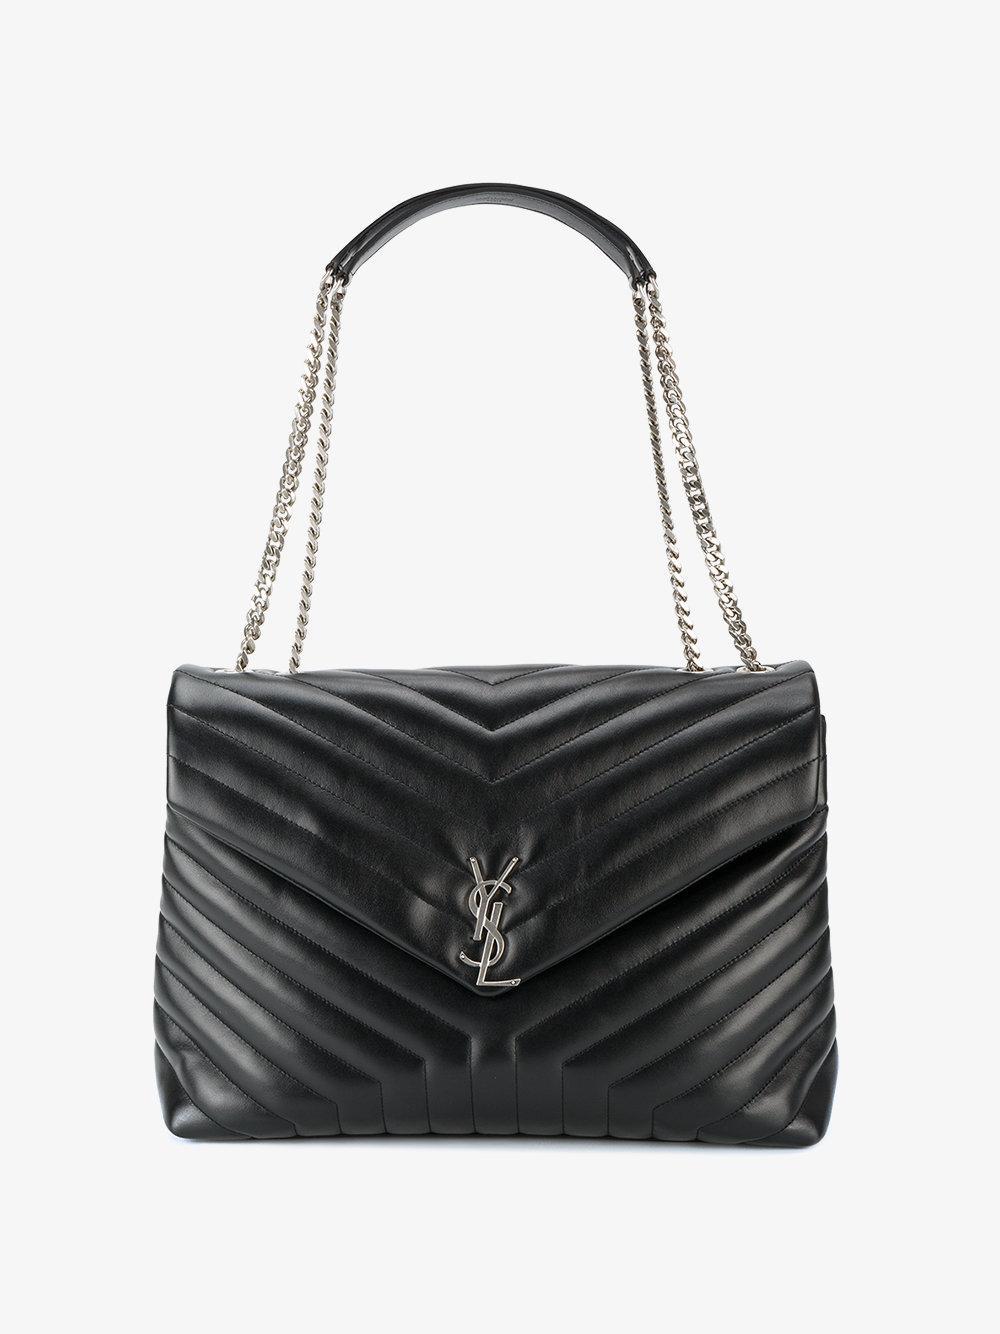 Saint laurent Large Monogram College Bag in Black  83b5f8ed2ab11